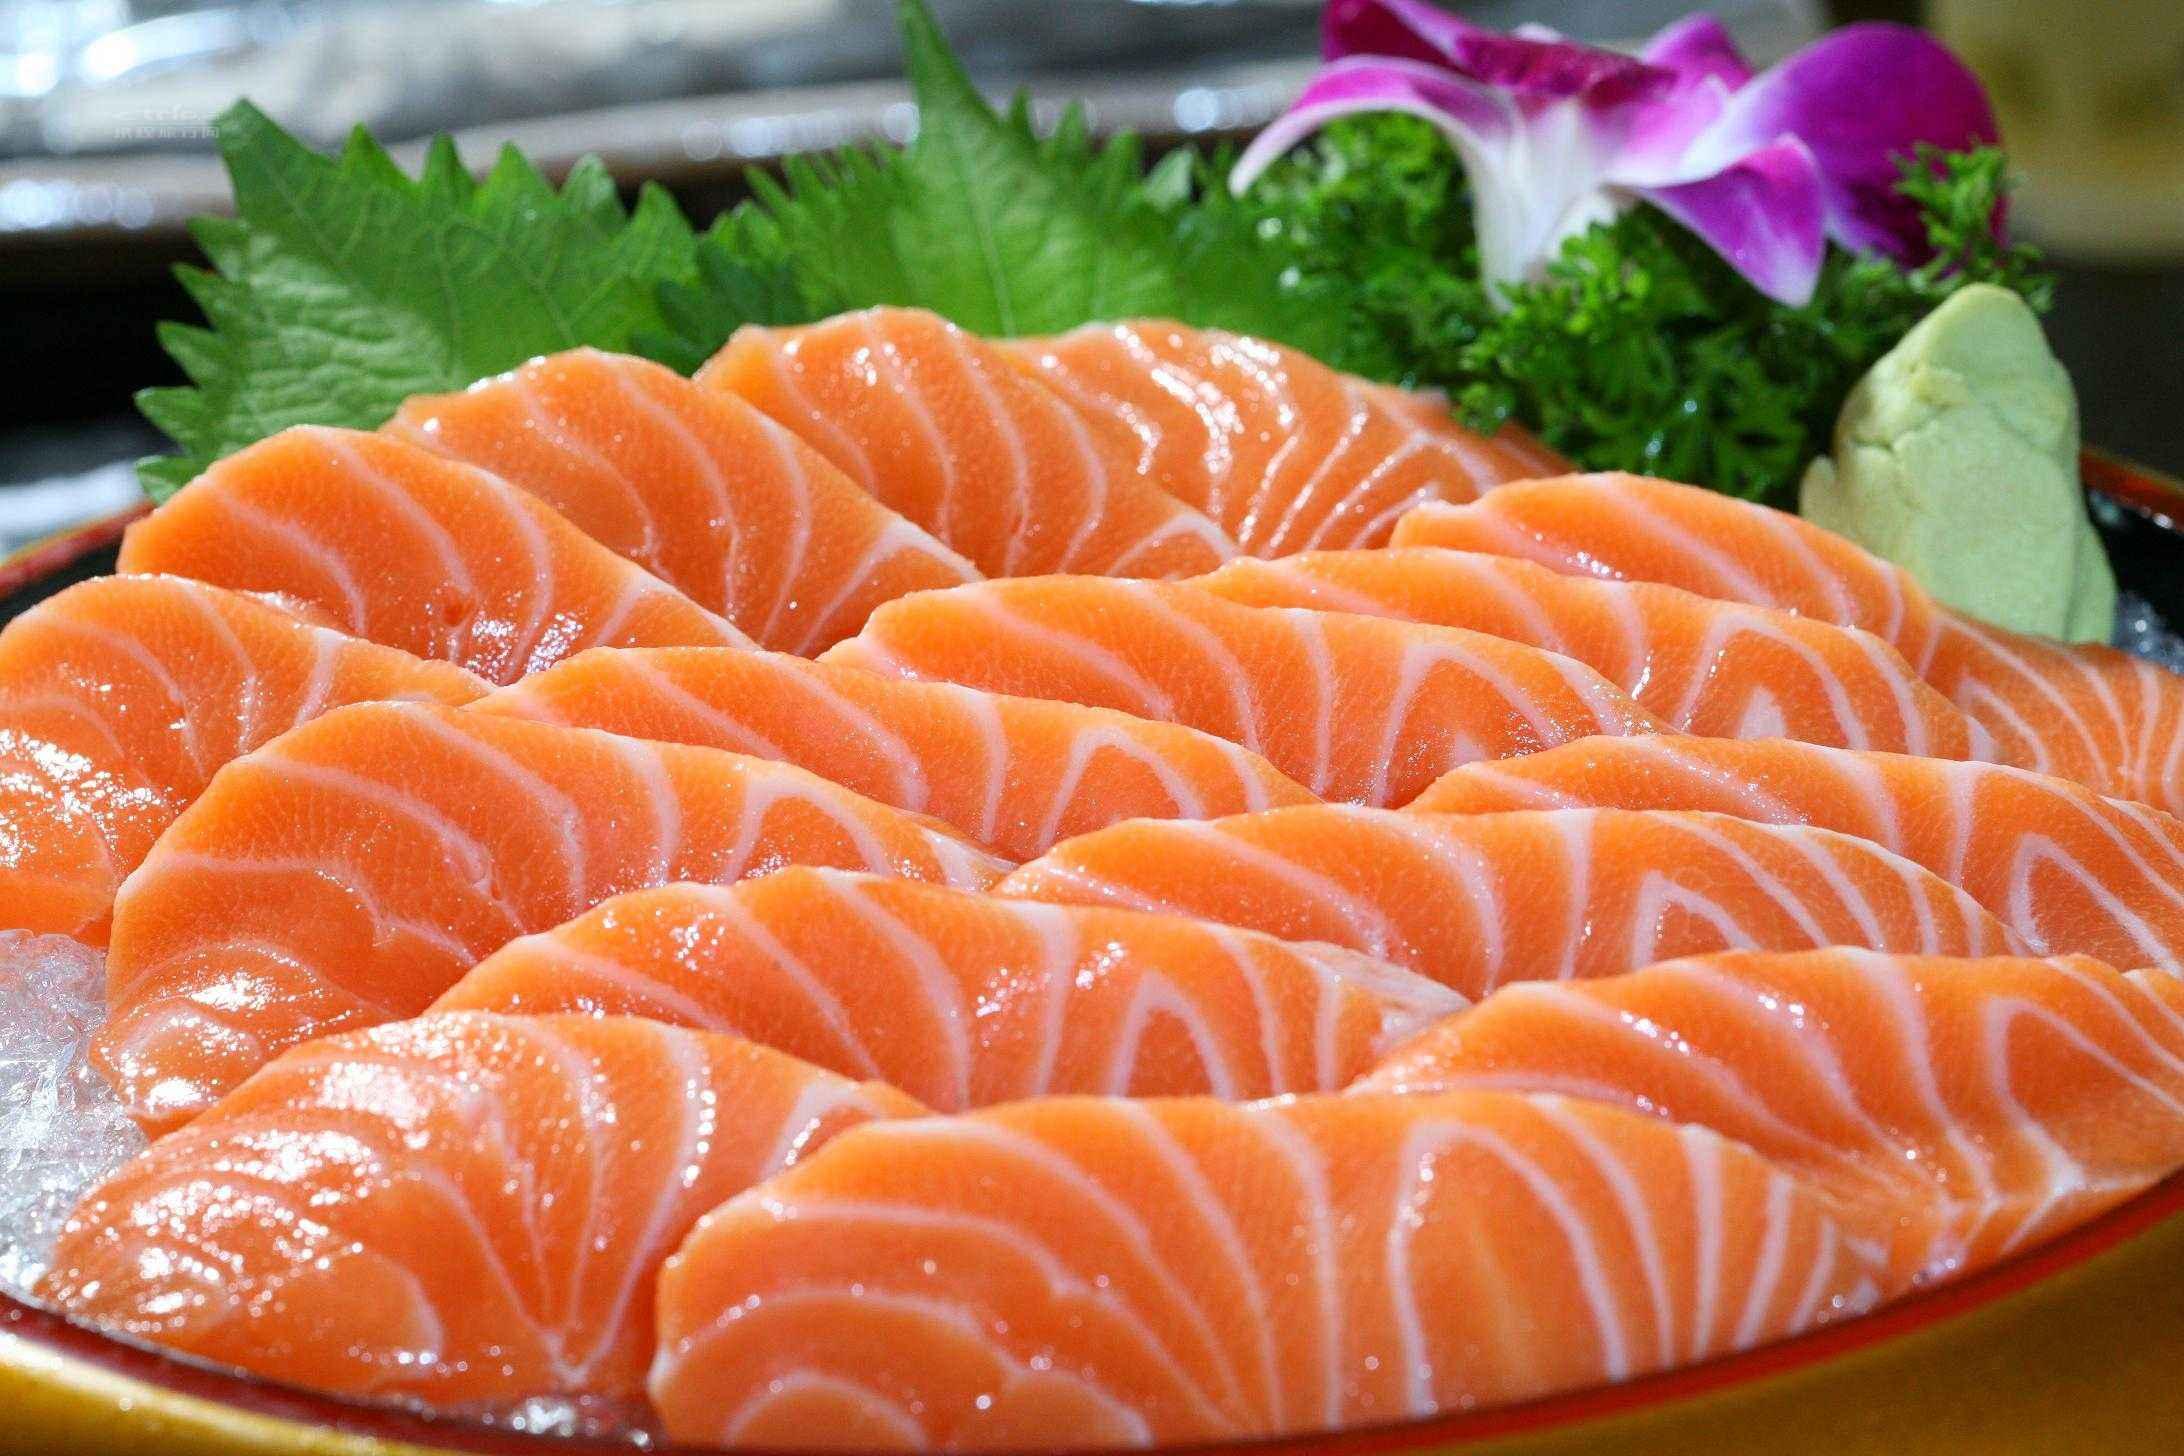 我省是中国最大的三文鱼淡水养殖基地 全国每3条三文鱼中就有1条来自青海